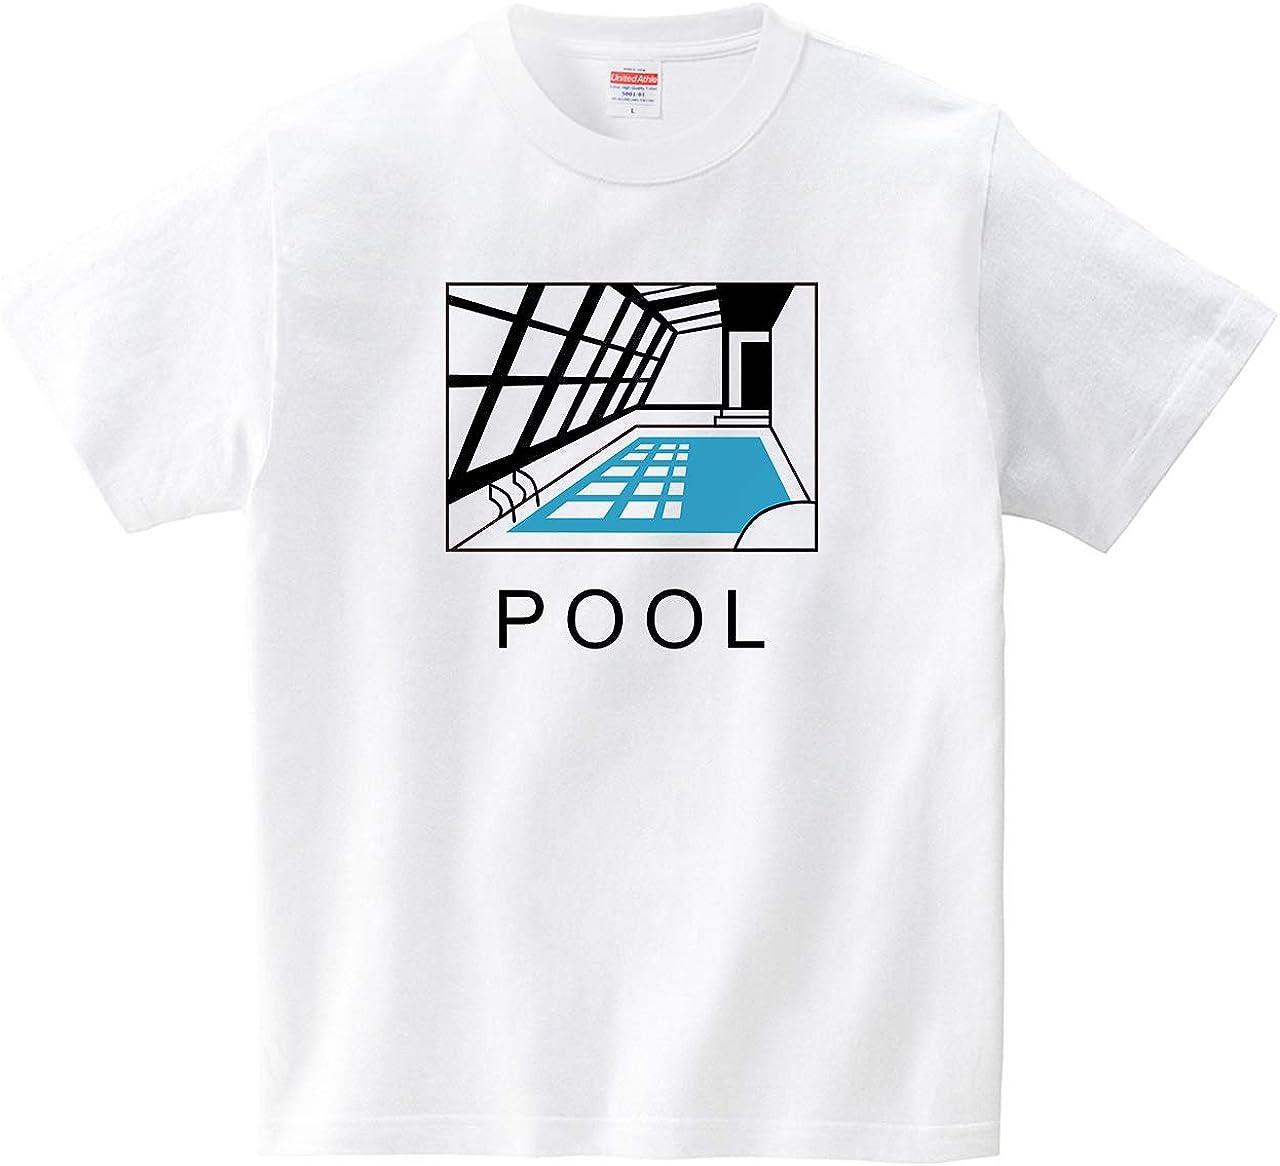 例 の プール t シャツ